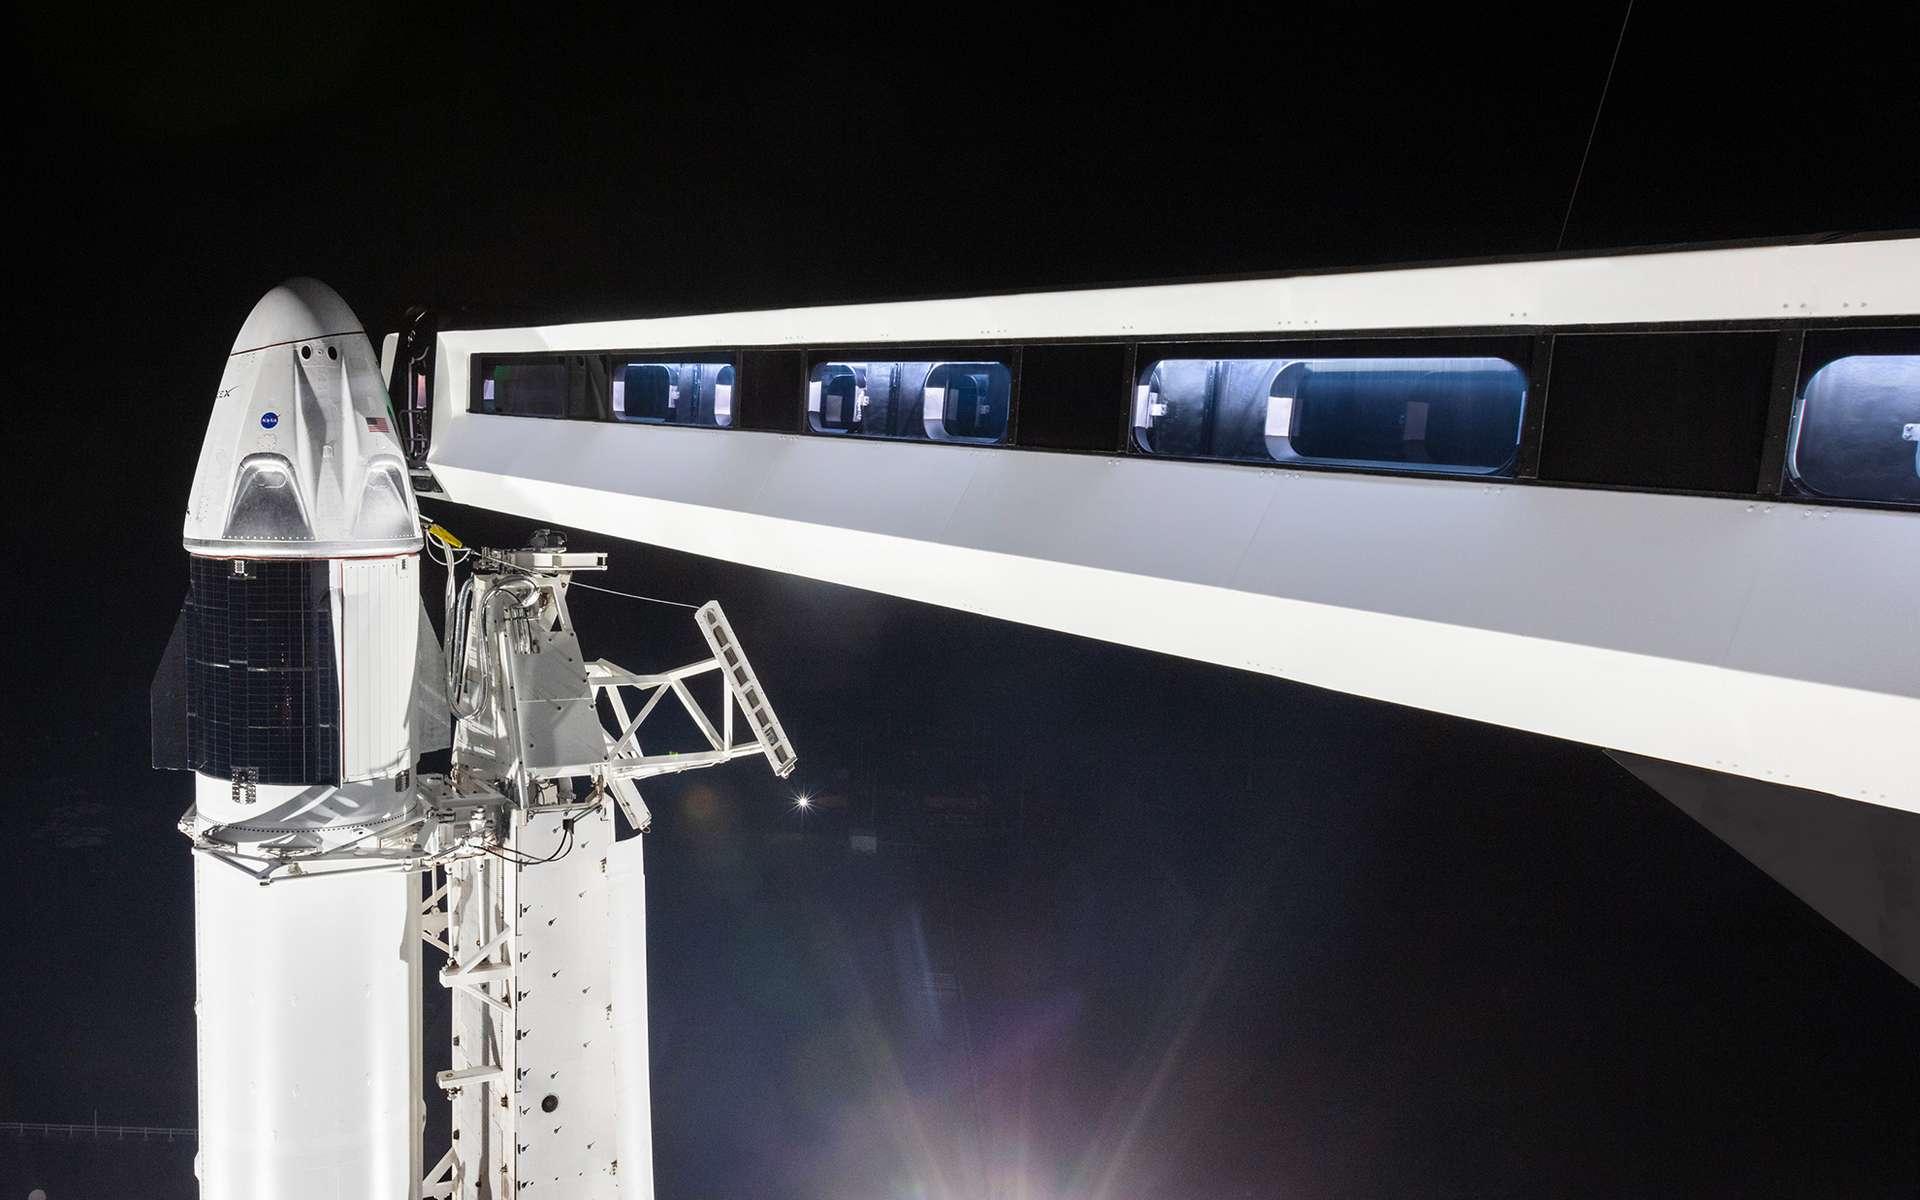 La capsule Crew Dragon lors de son vol de démonstration (mars 2019). Elle est ici vue sur son pas de tir du Centre spatial Kennedy, installée sur un lanceur Falcon 9. © SpaceX